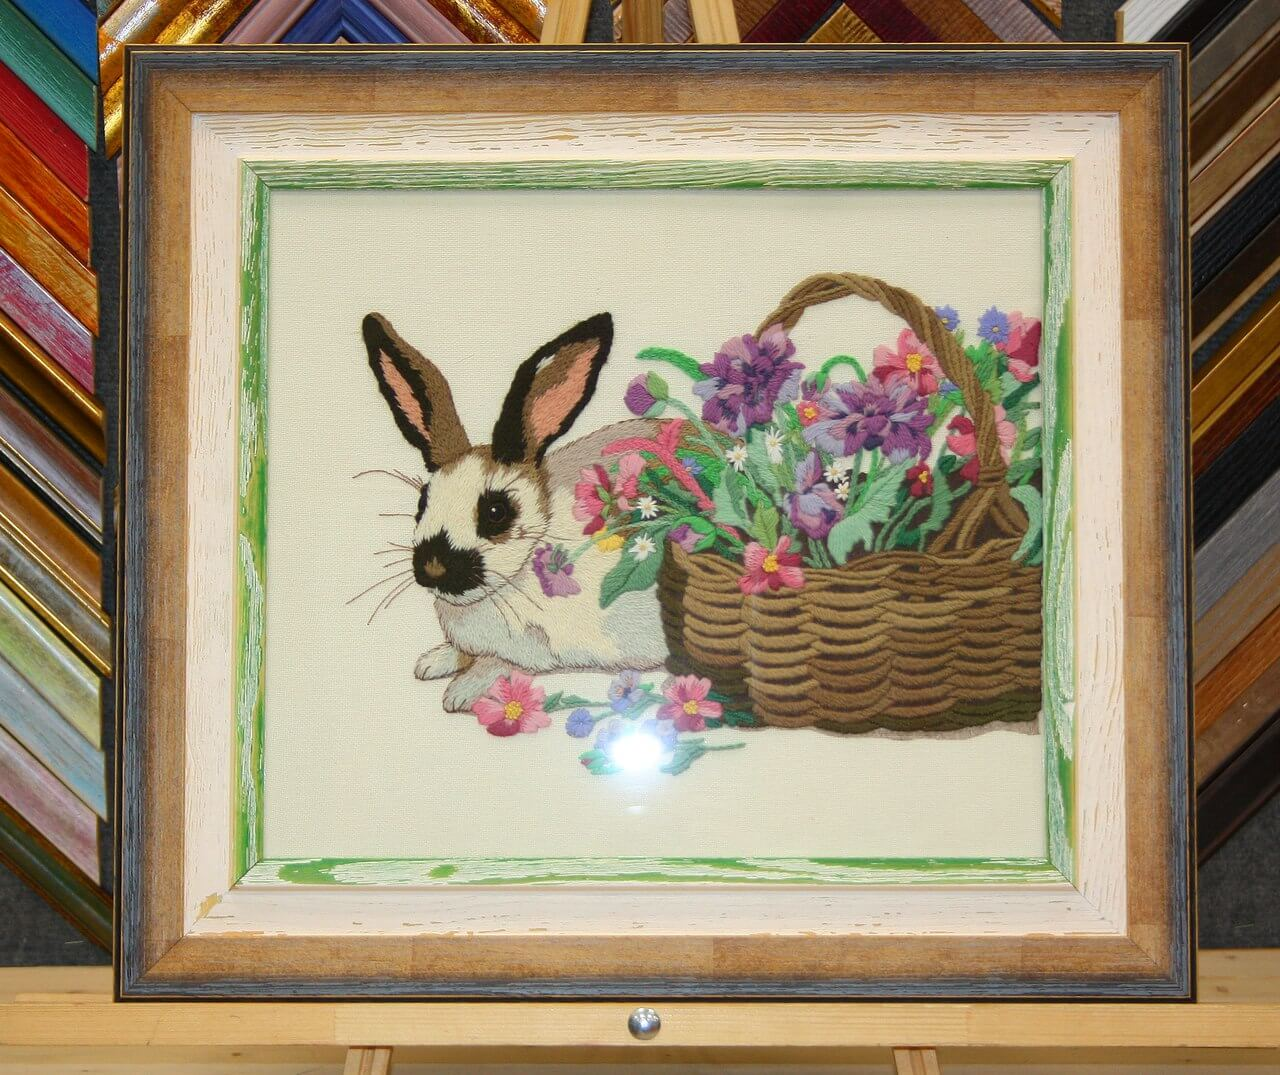 Вышивка Кролик гладью с деревянным паспарту в рамке из деревянного багета